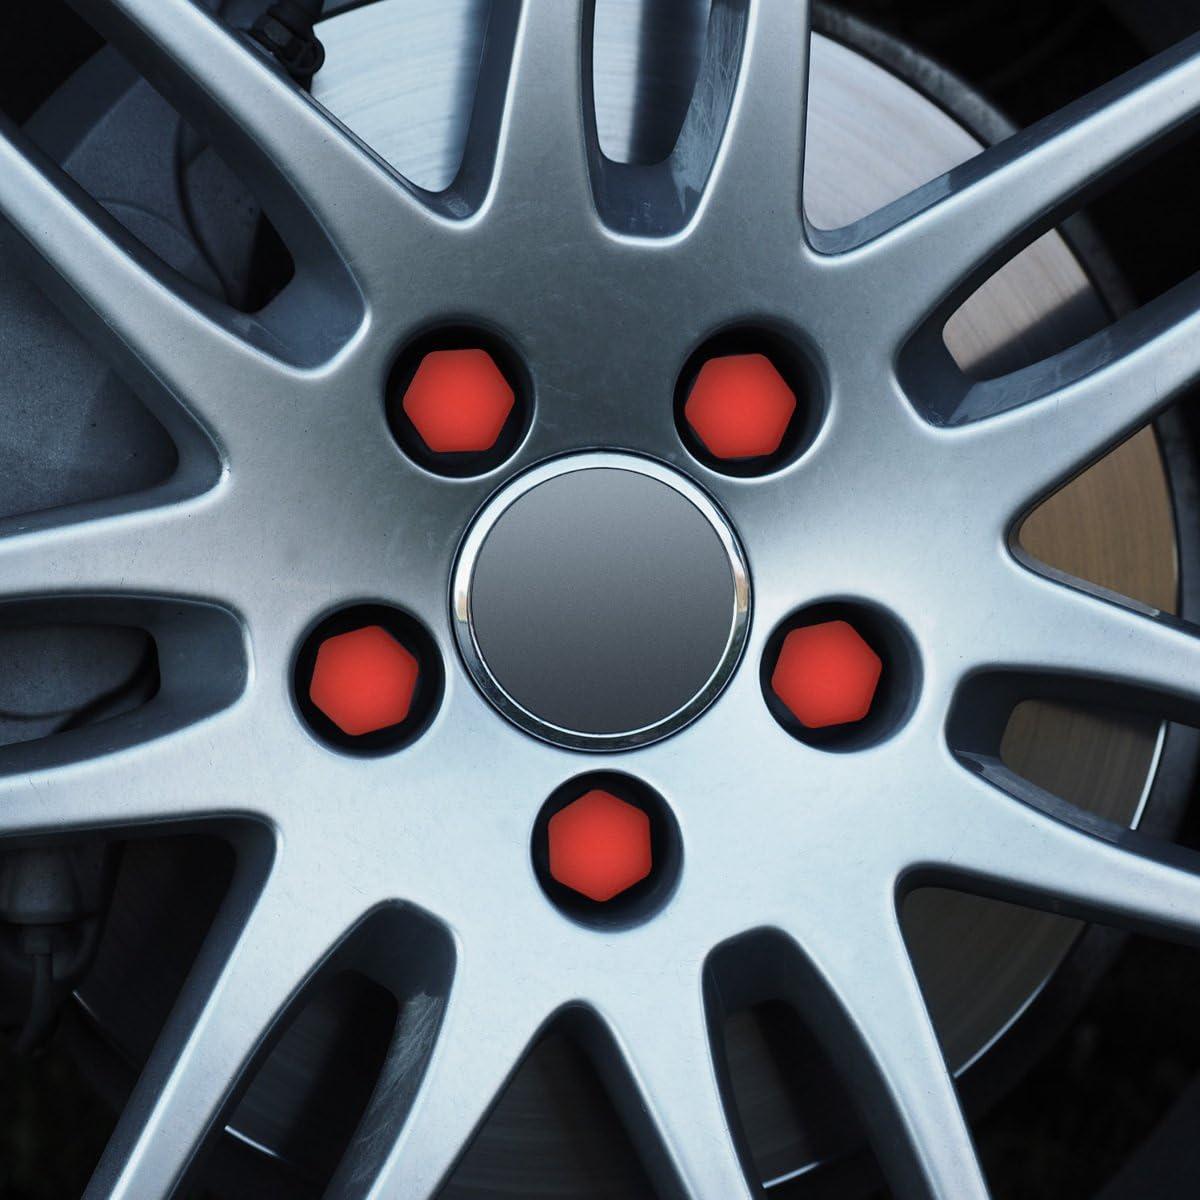 kwmobile 20x Abdeckung f/ür 17 Reifen Auto Rad Schraube Mutter Kappen in Rot Radschrauben Cover